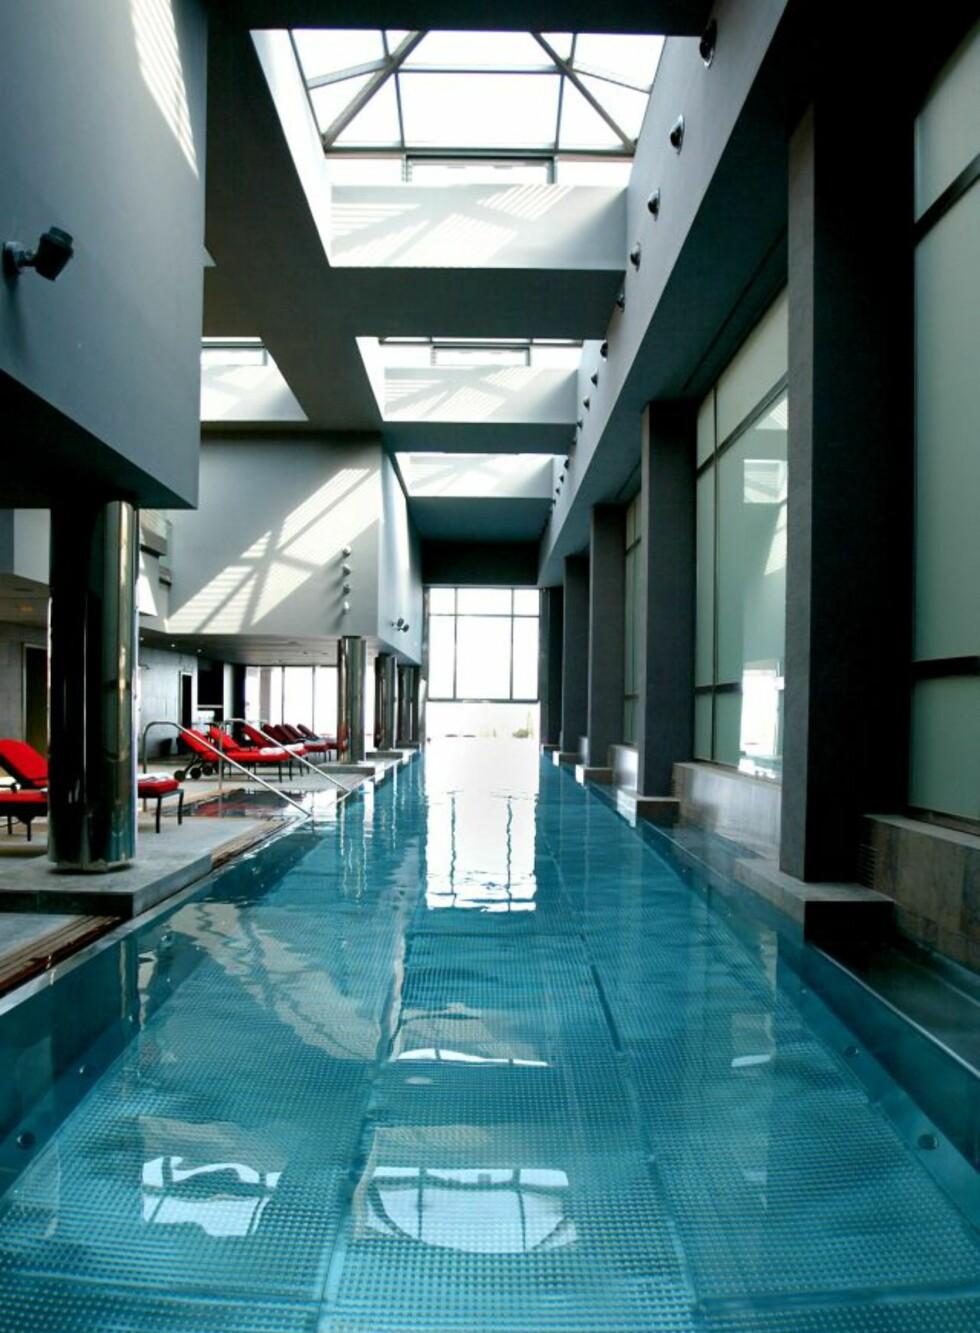 Bassenget på Gran Hotel La Florida i Barcelona er 47 meter langt og laget av kun metall. Foto: Gran Hotel La Florida